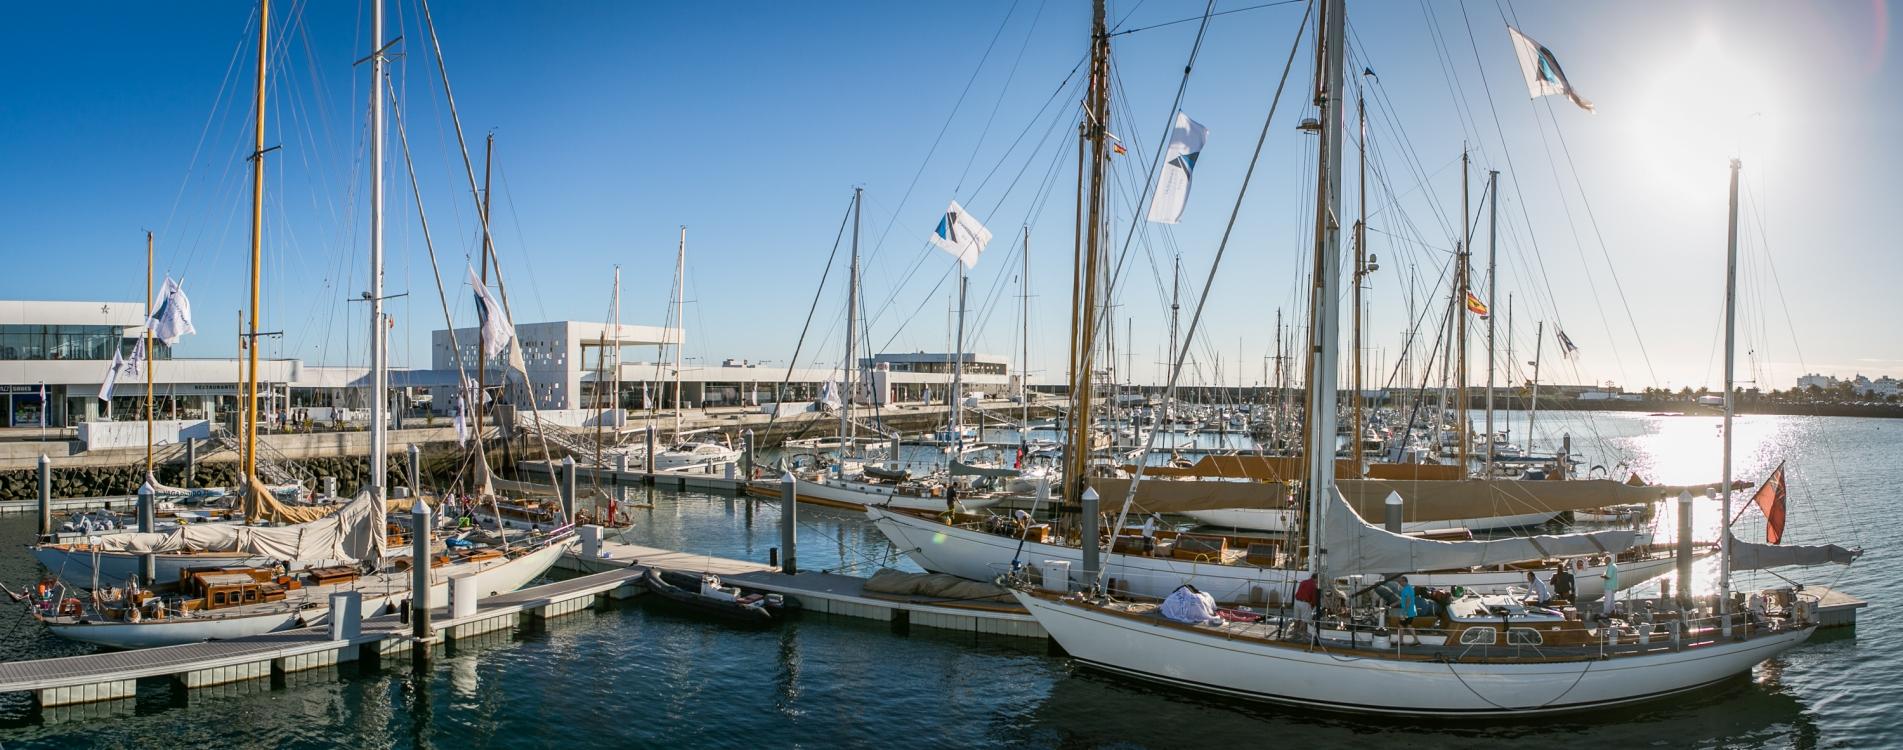 Marina-Lanzarote-panerai-fleet